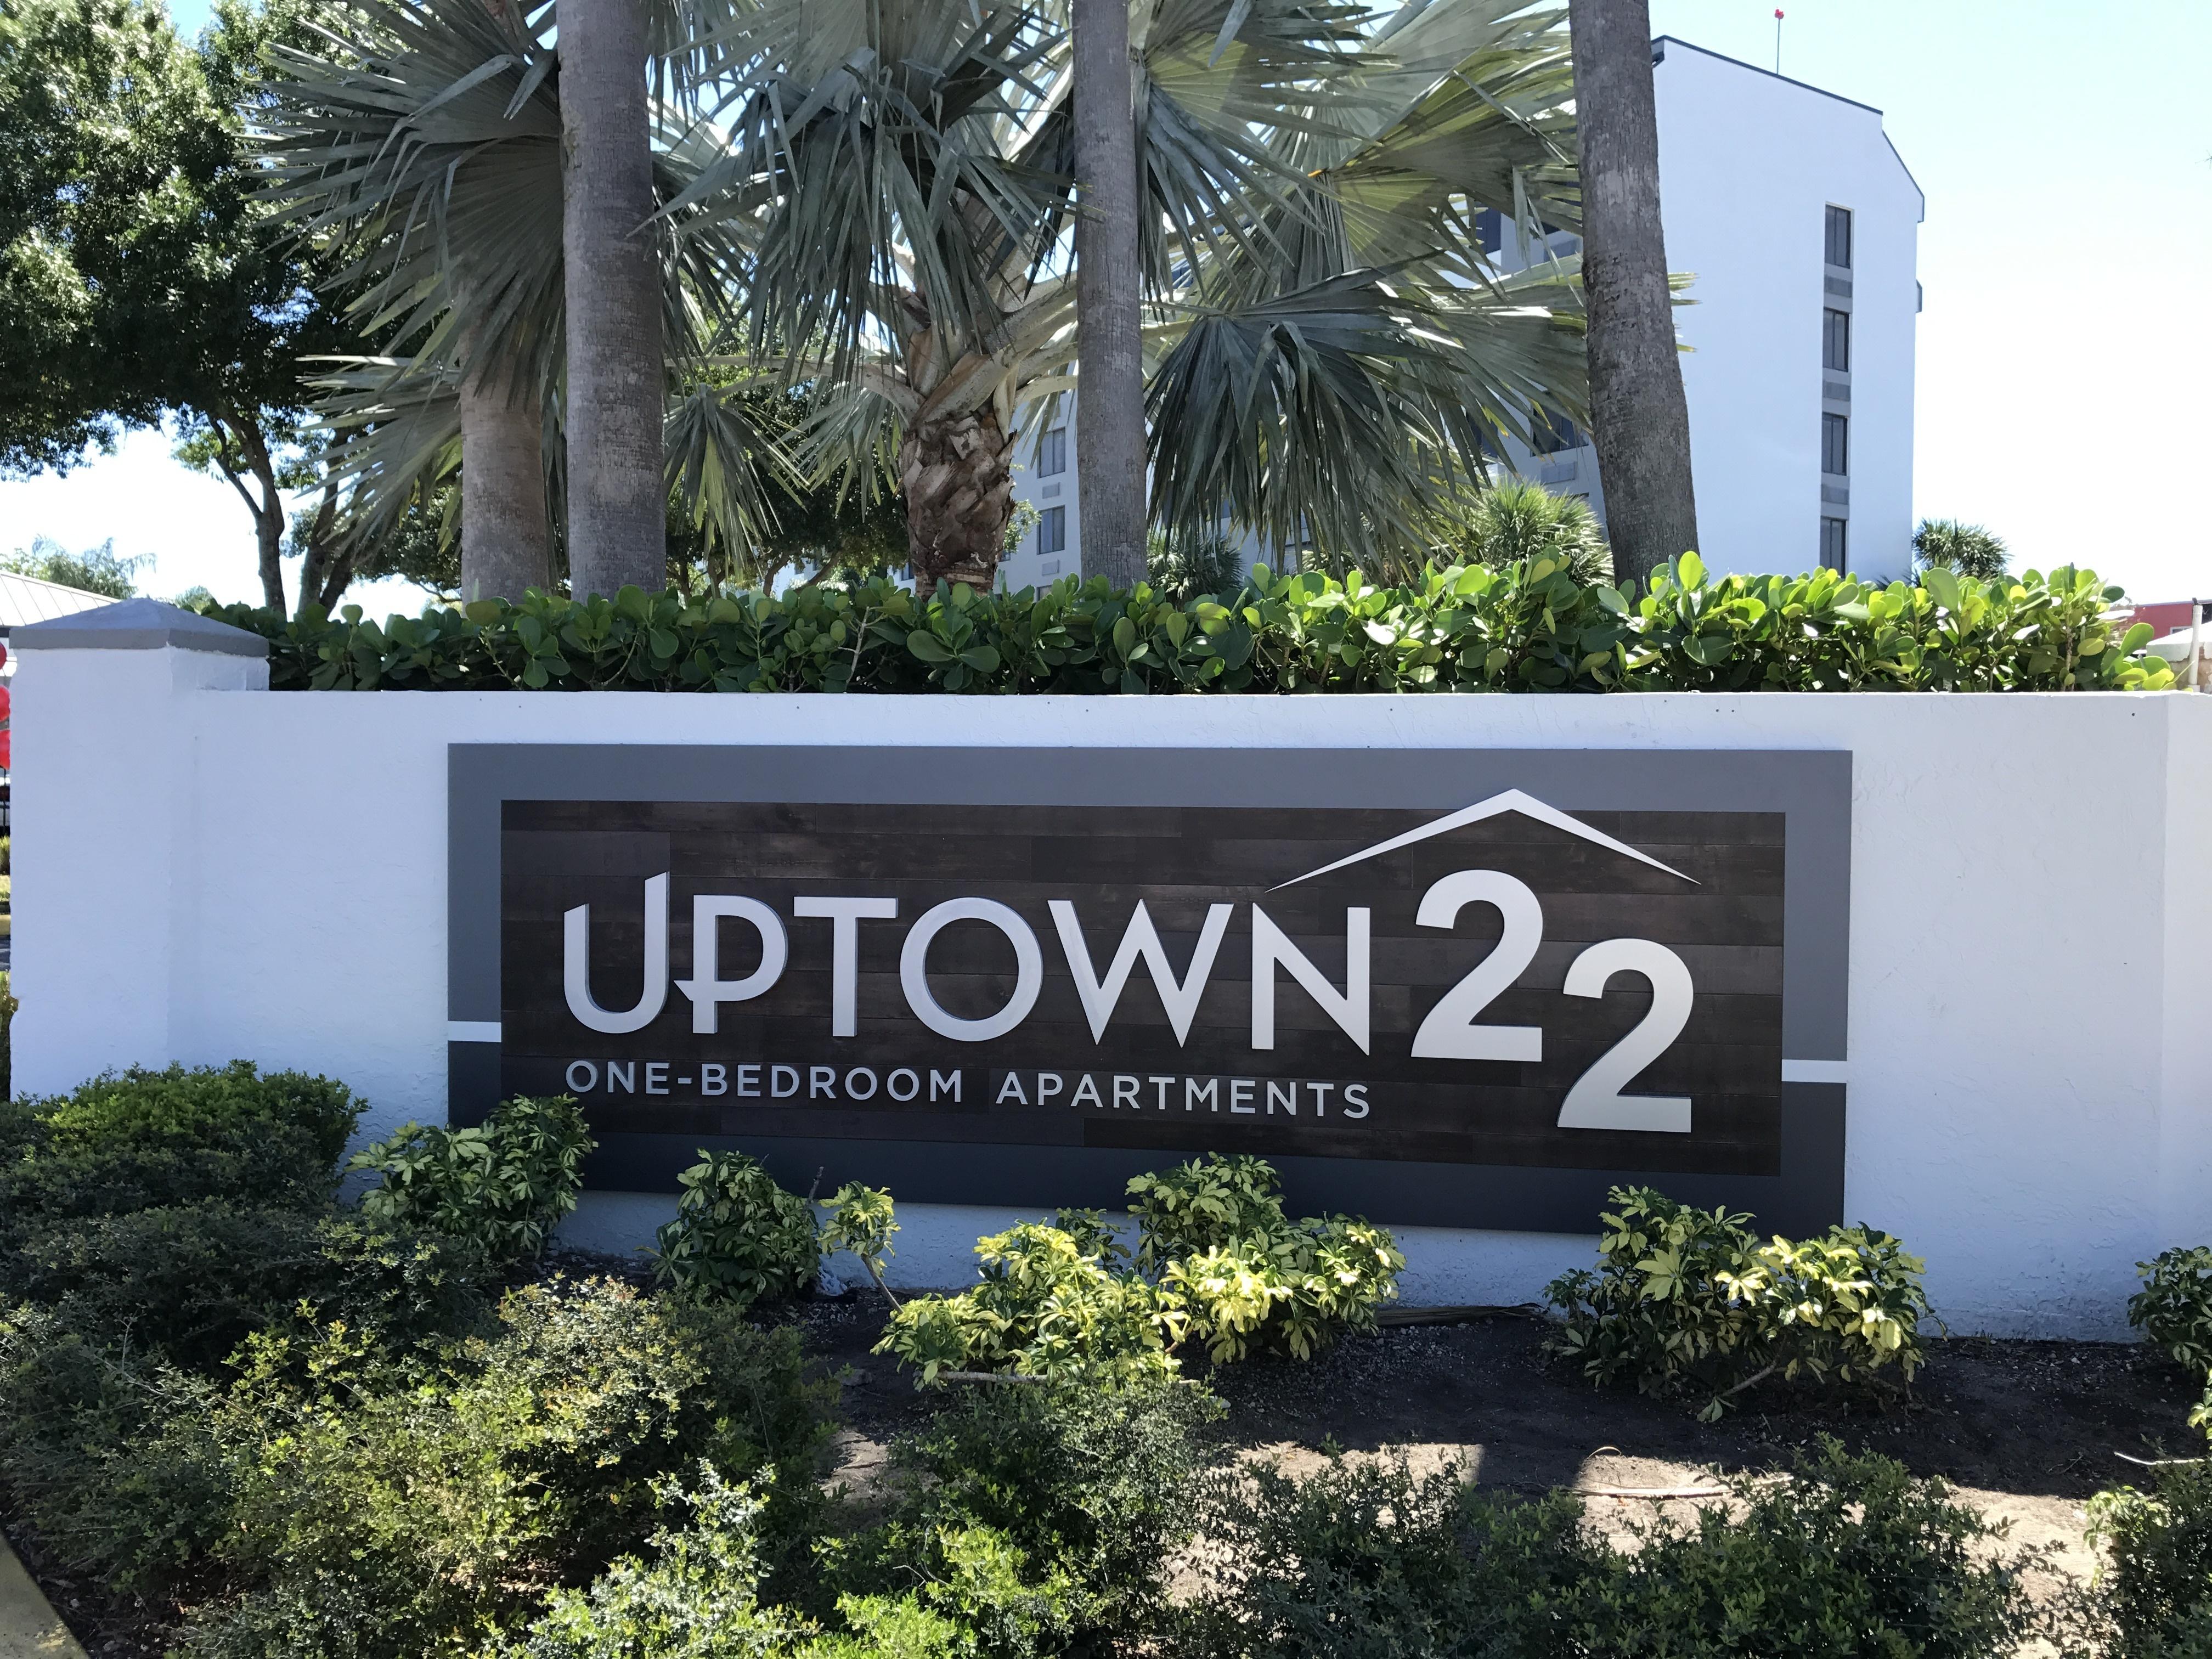 Uptown 22